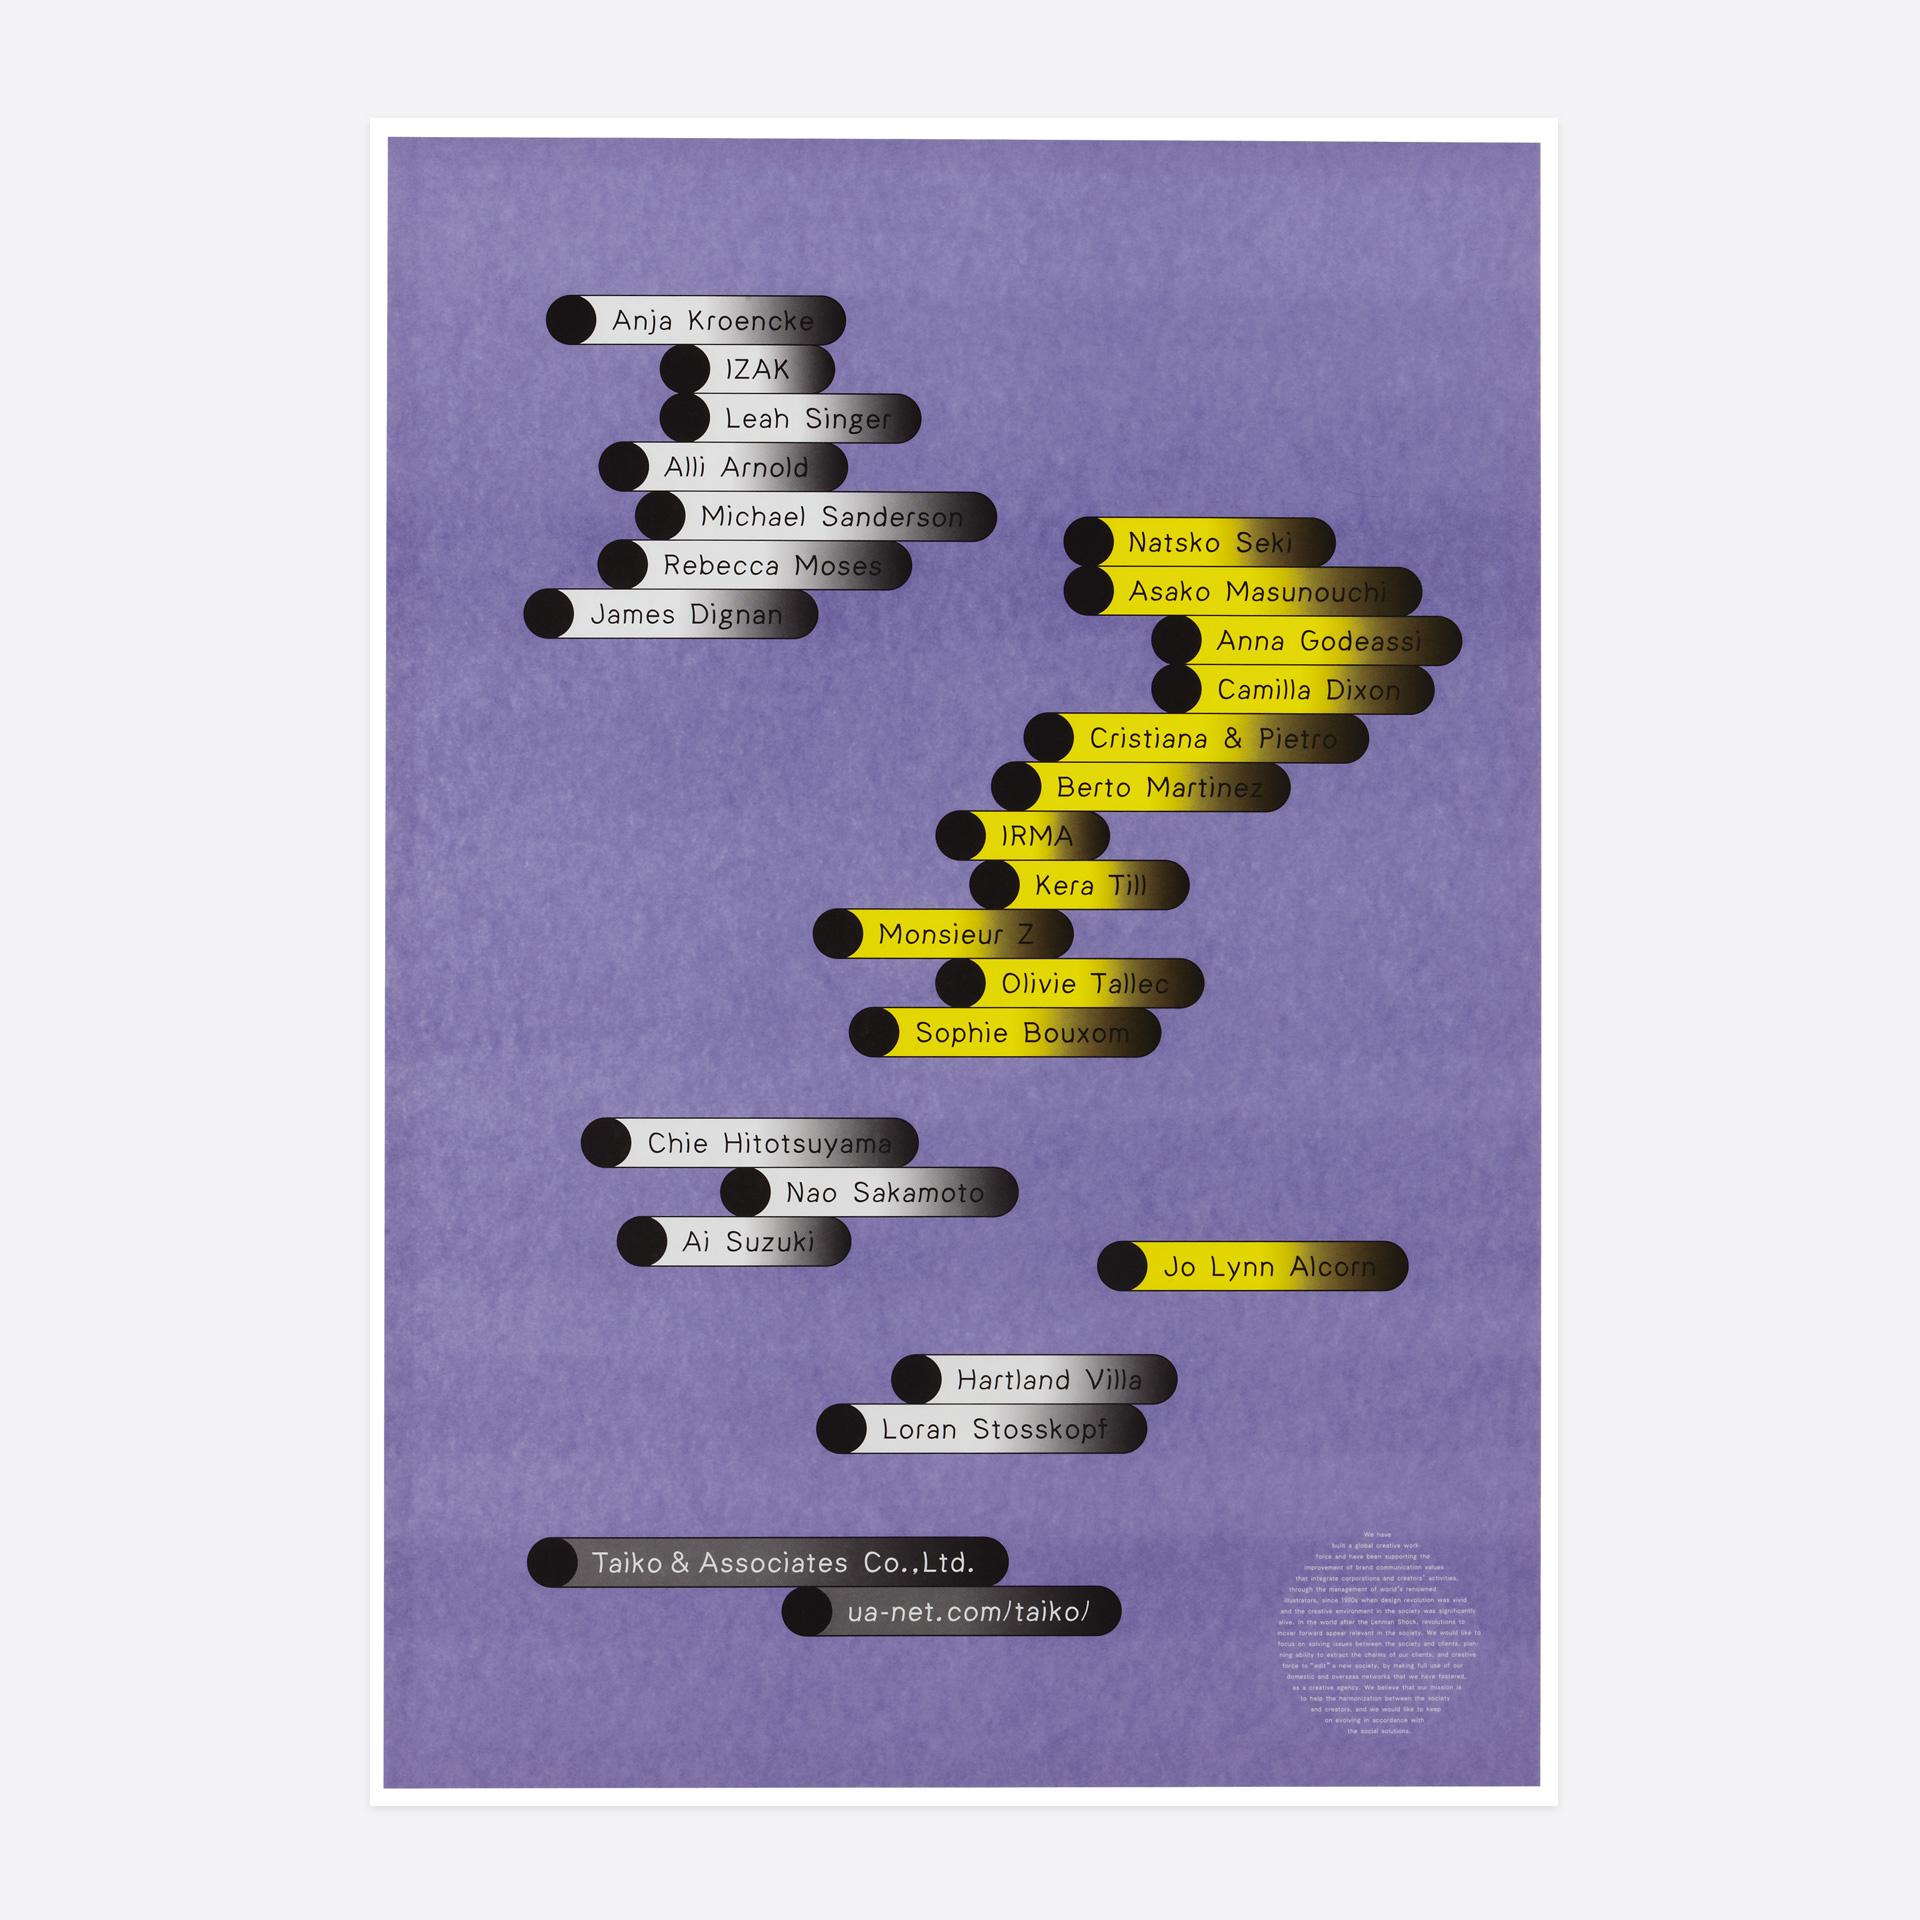 TAIKO&ASSOCIATES 2014 poster